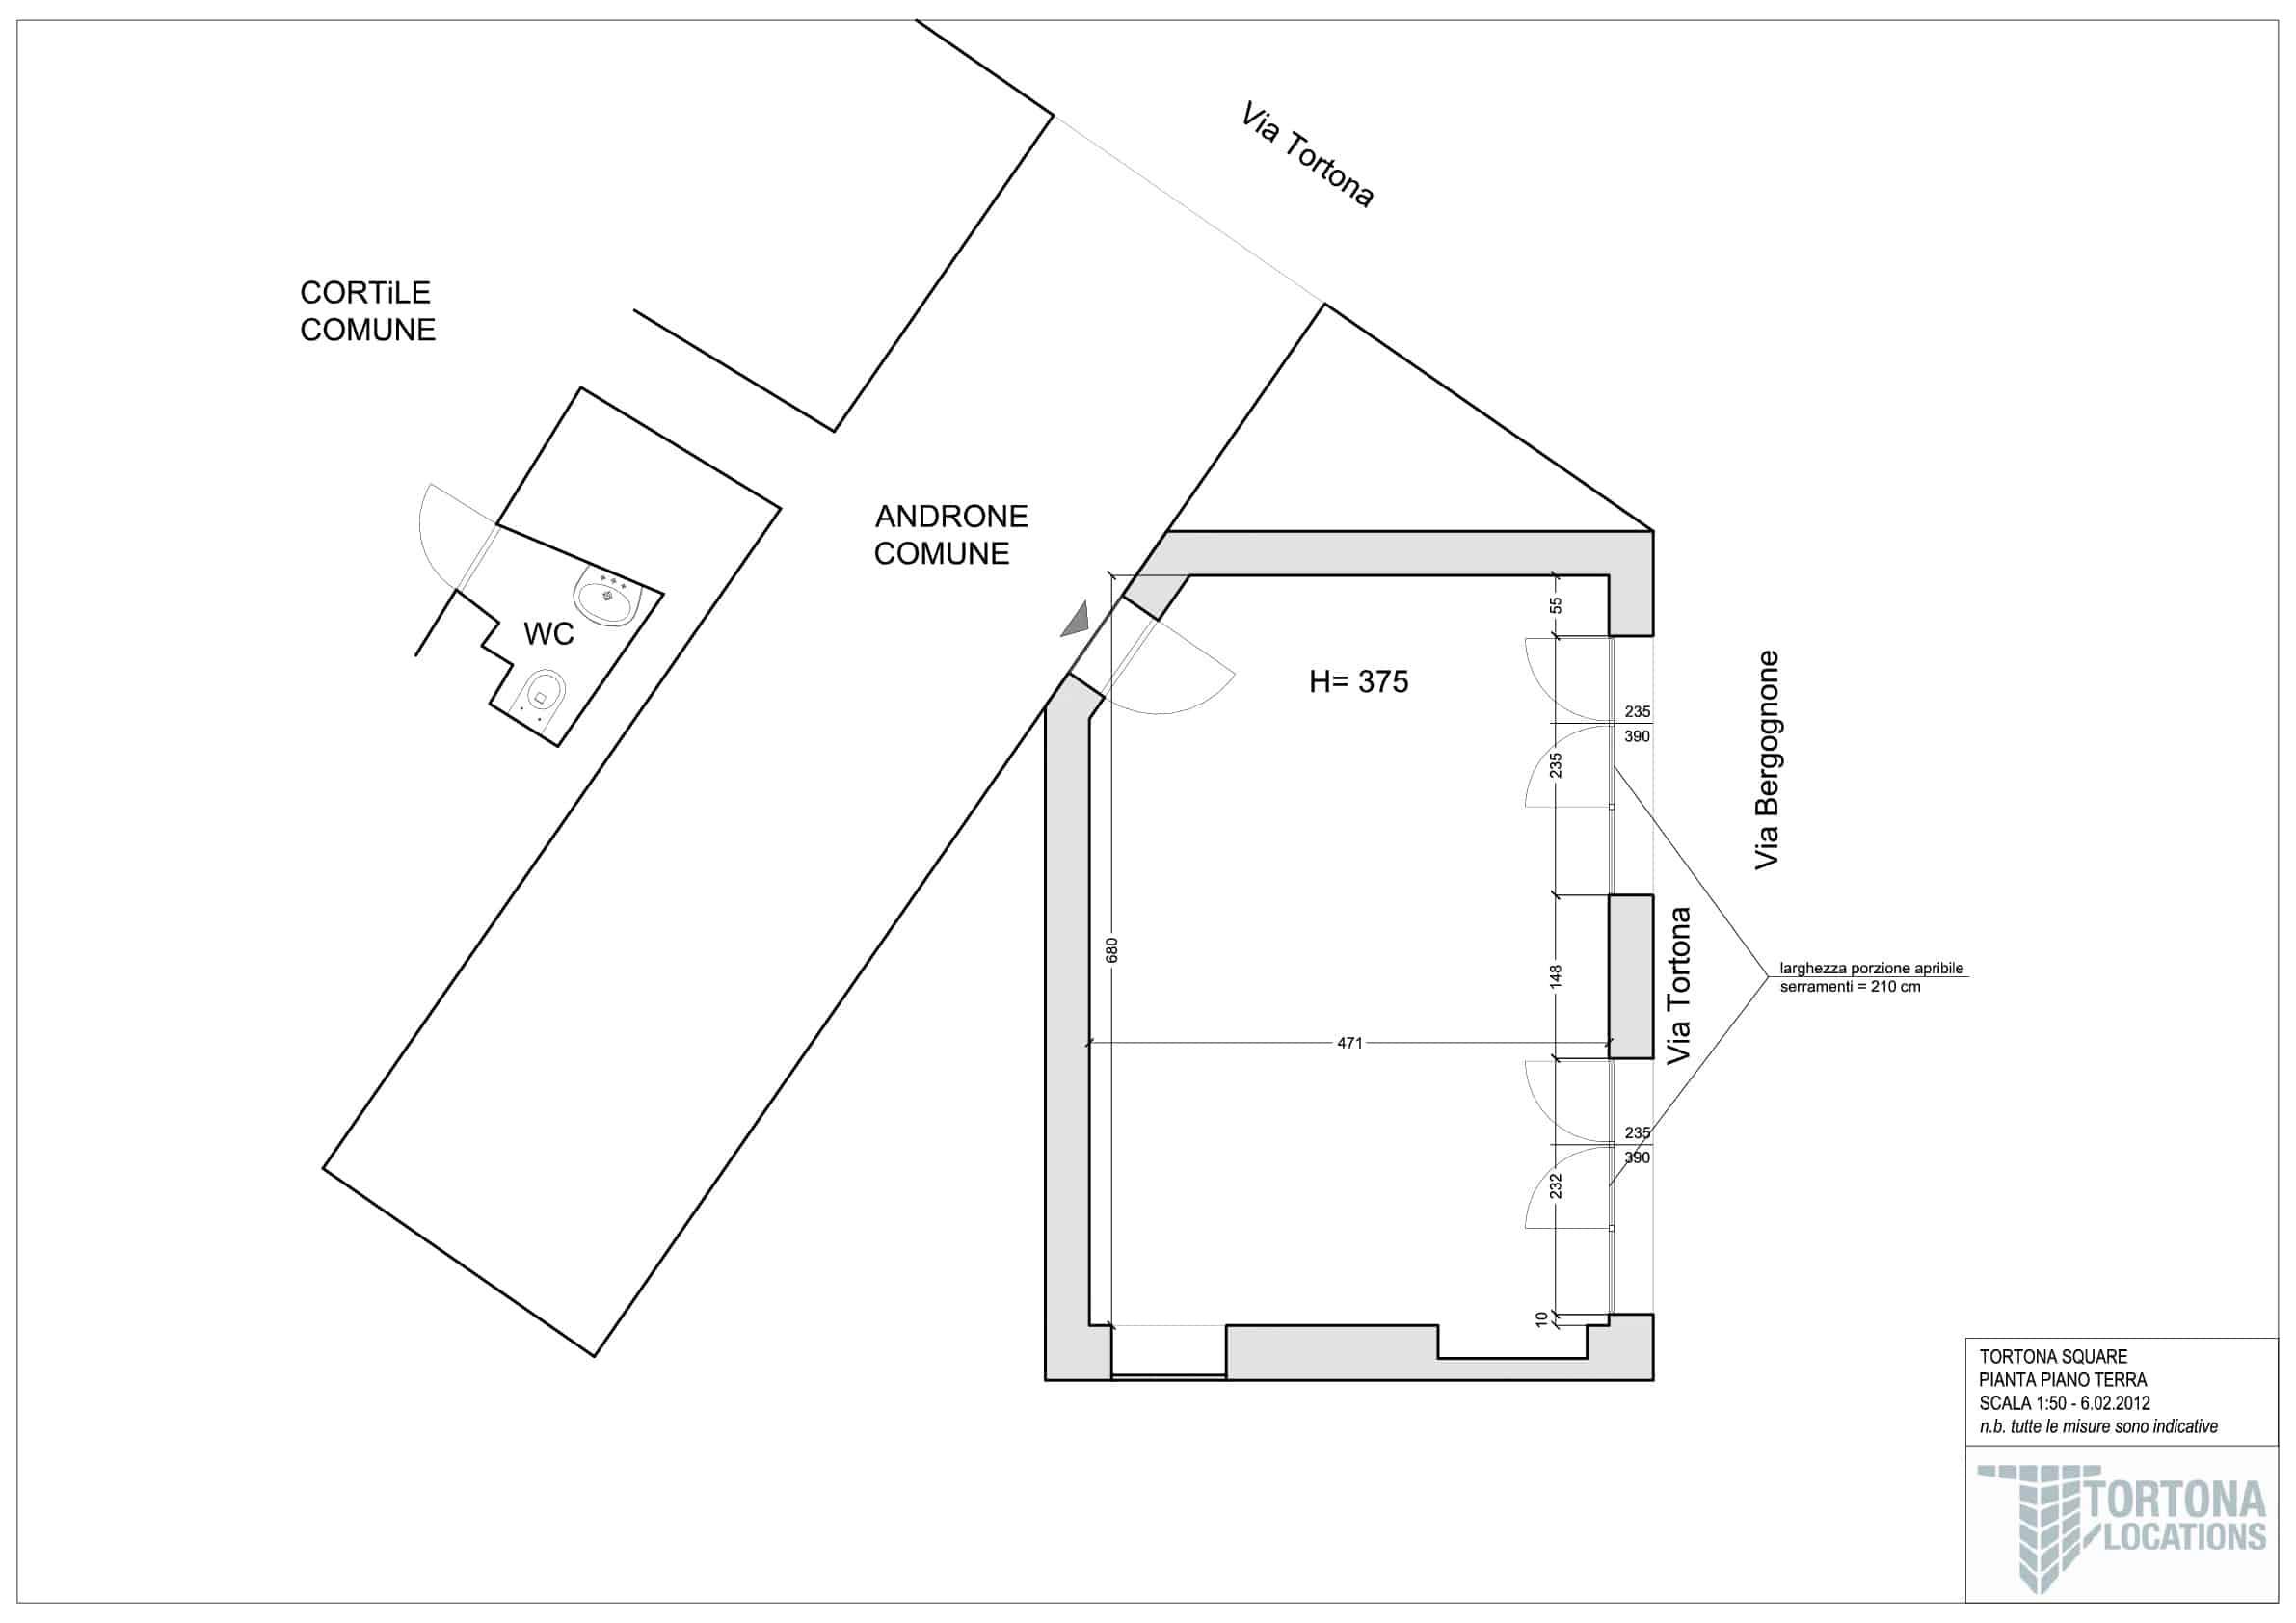 Planimetria Tortona Square